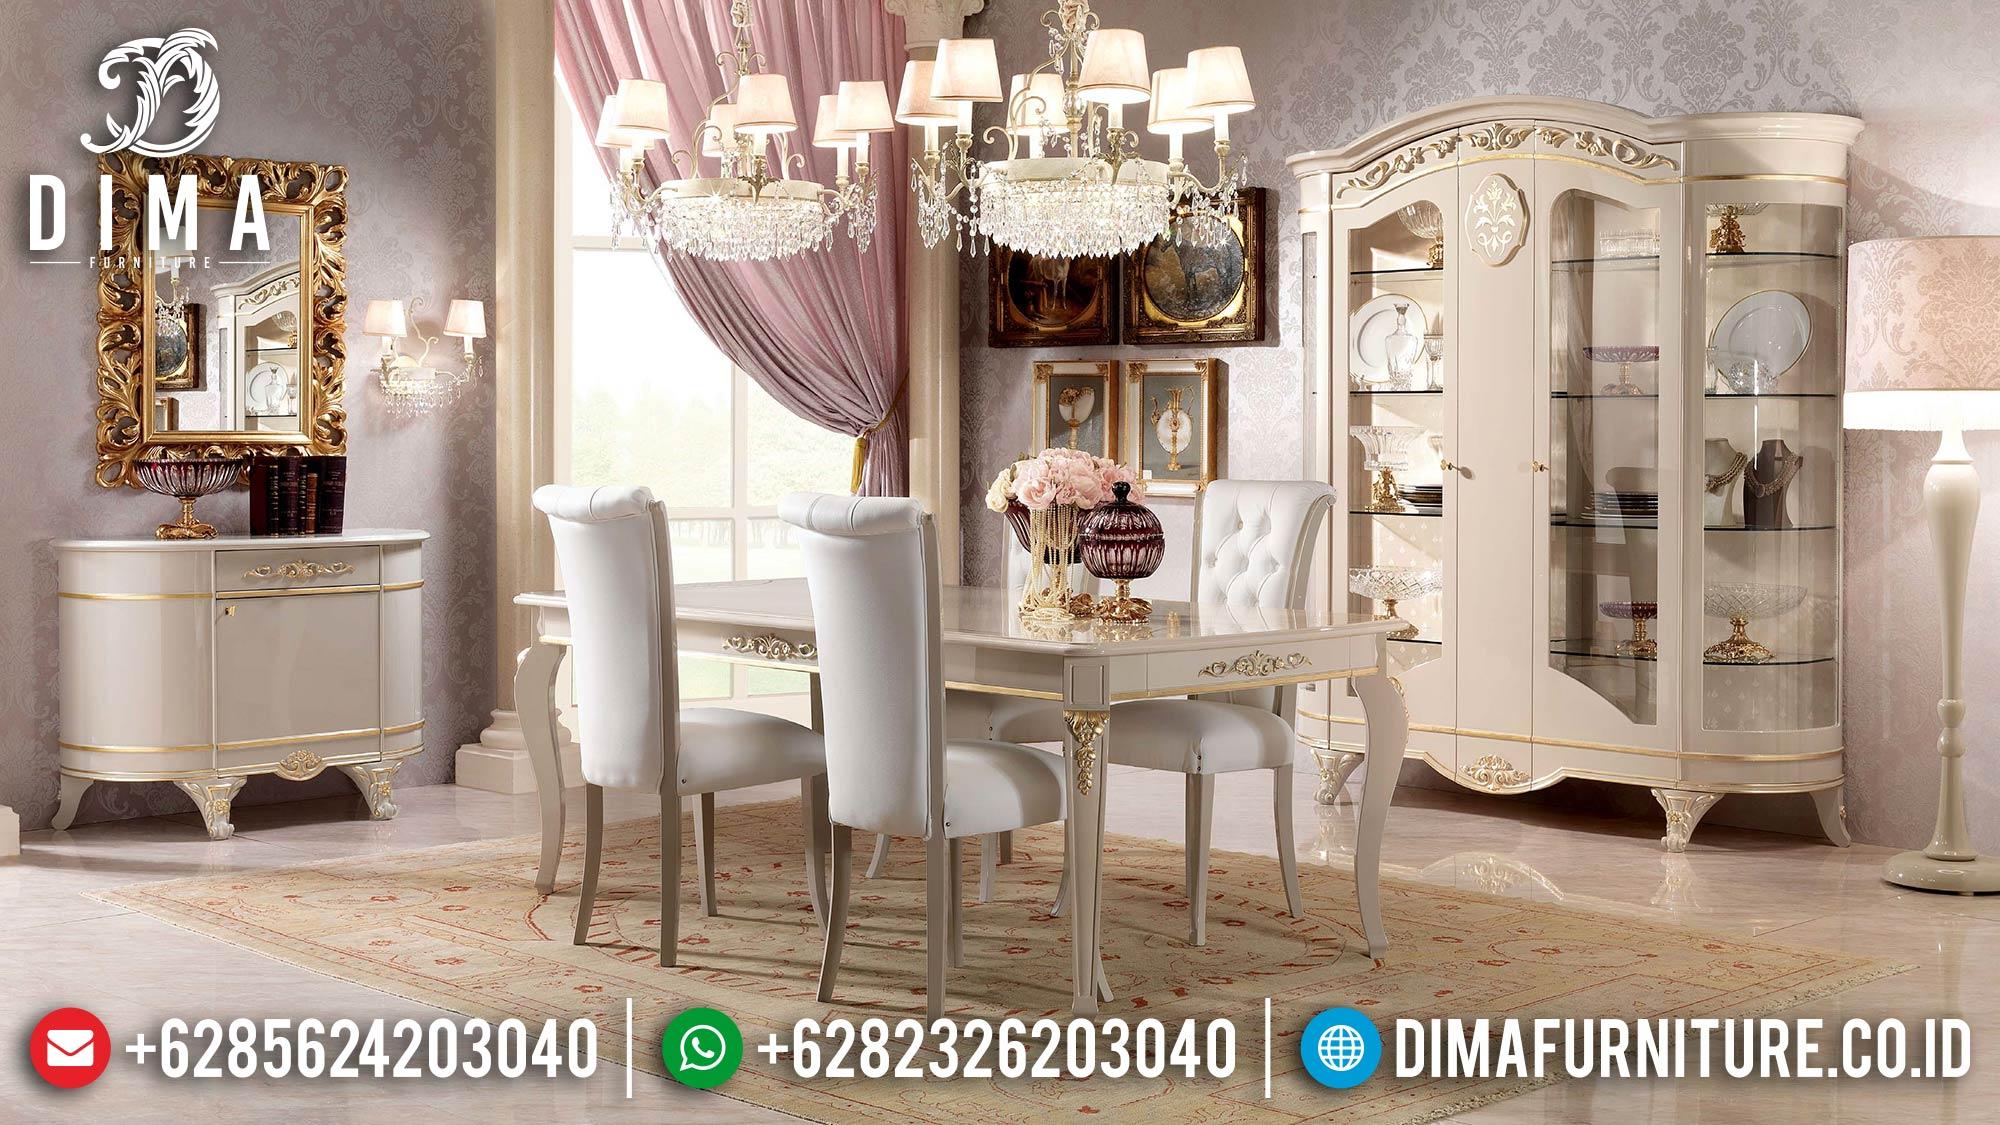 New Model Meja Makan Mewah Kursi 6 Luxury Carving Furniture Jepara TTJ-1602